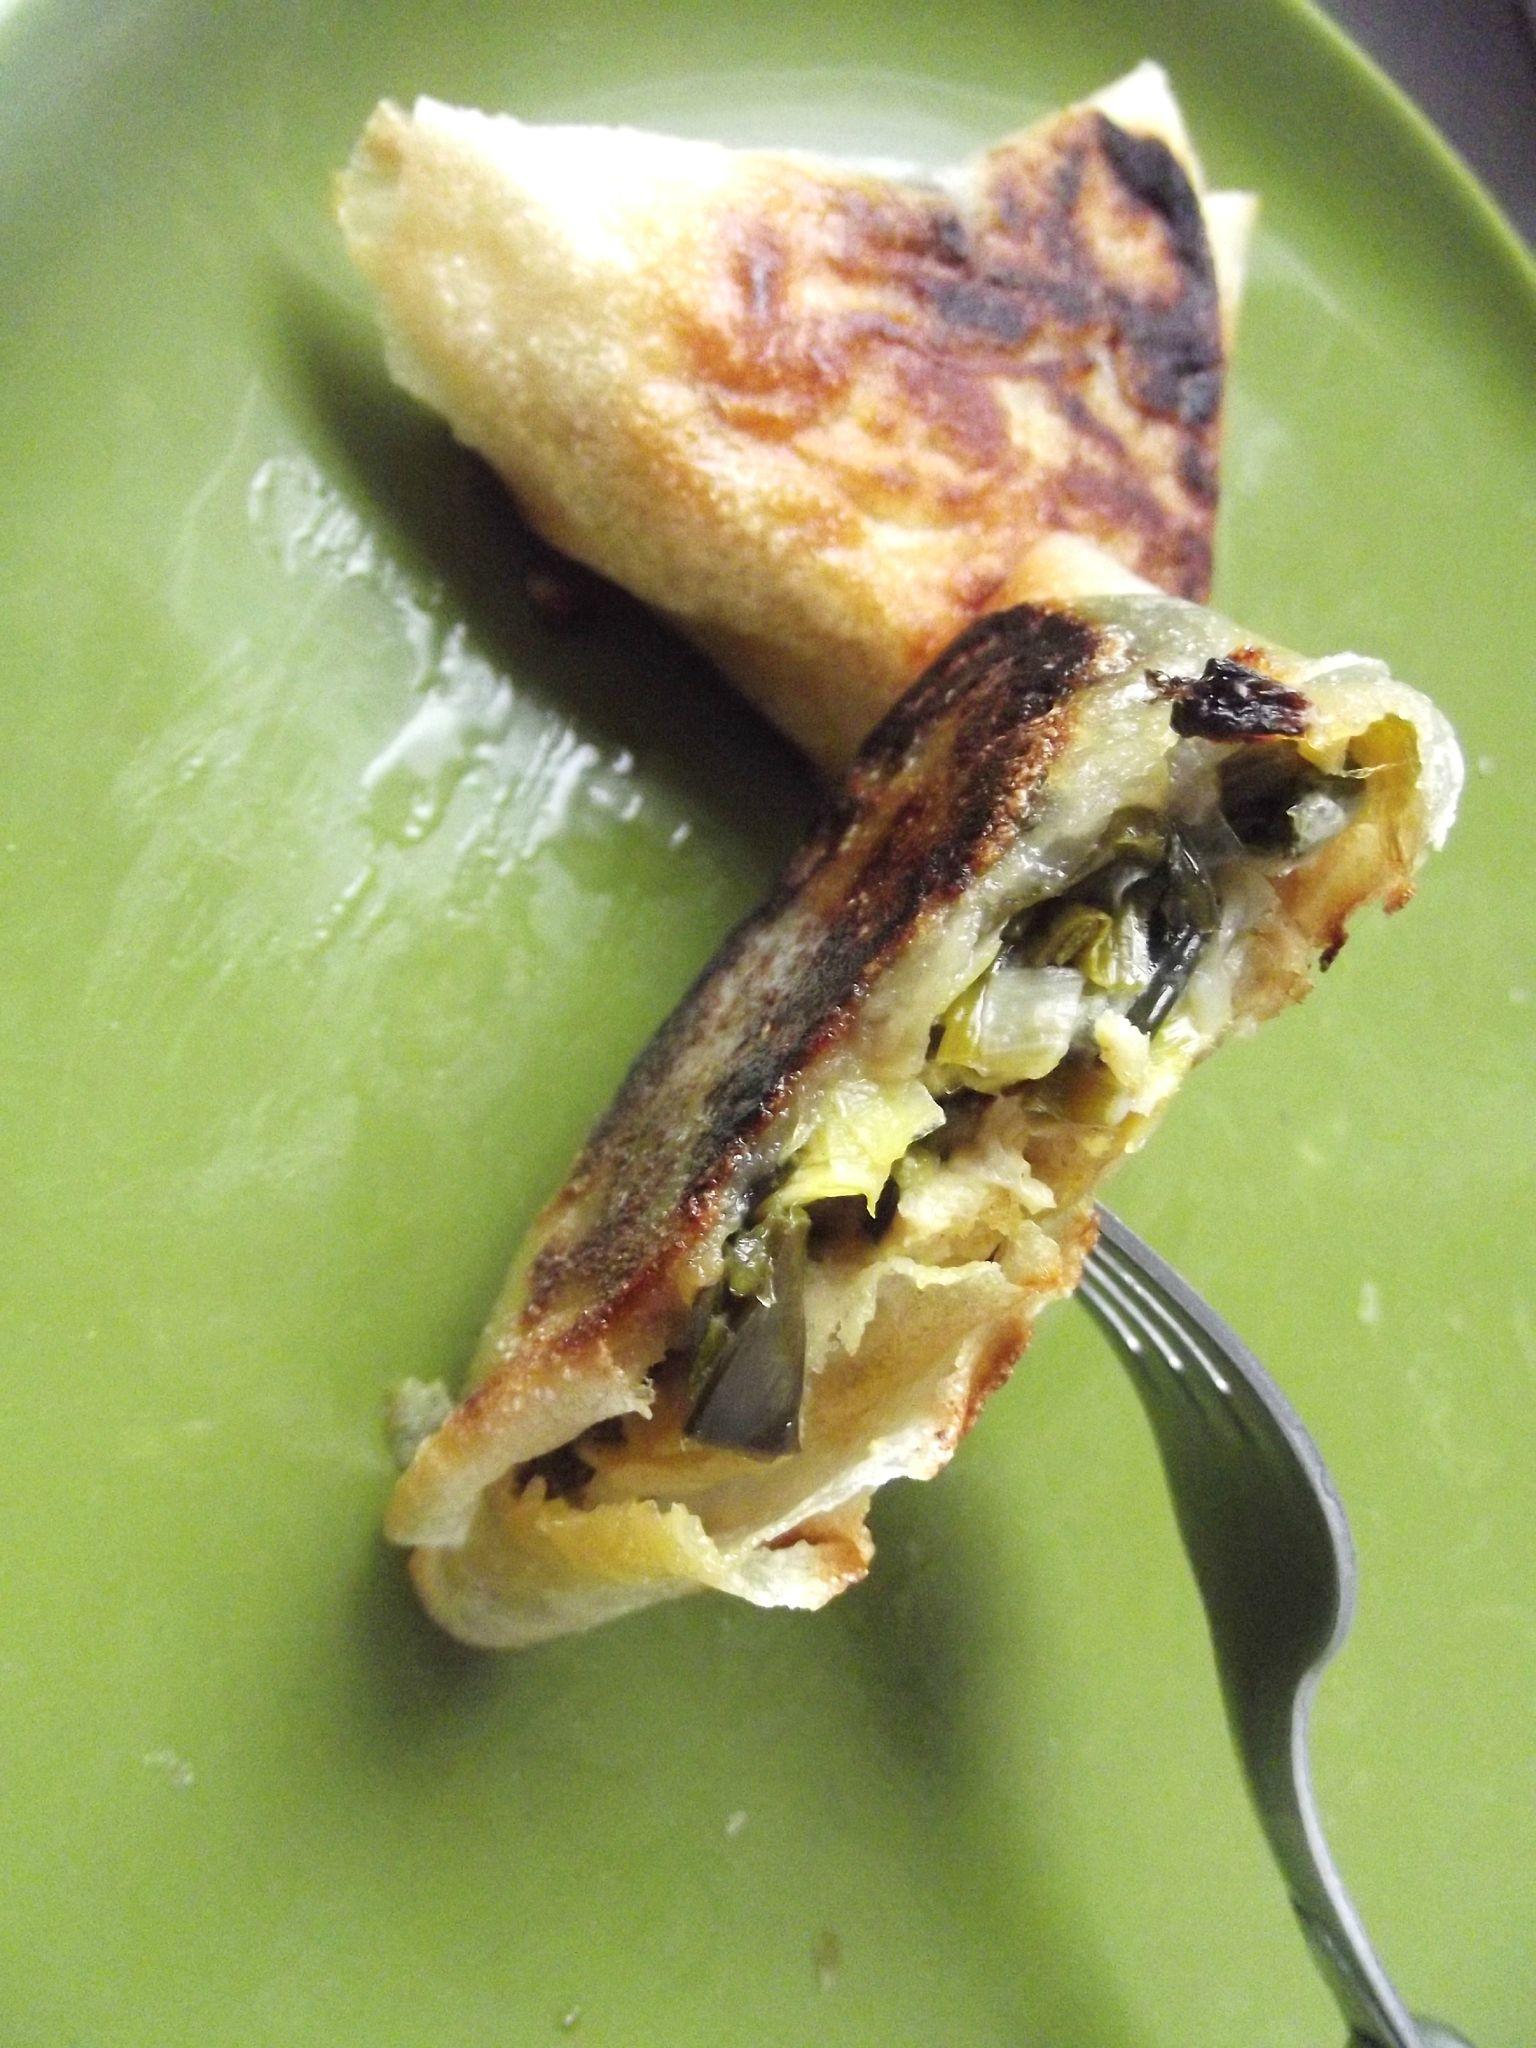 Brick poireau thon cnrs cuisiner nuit rarement la sant - Cuisiner du thon en boite ...